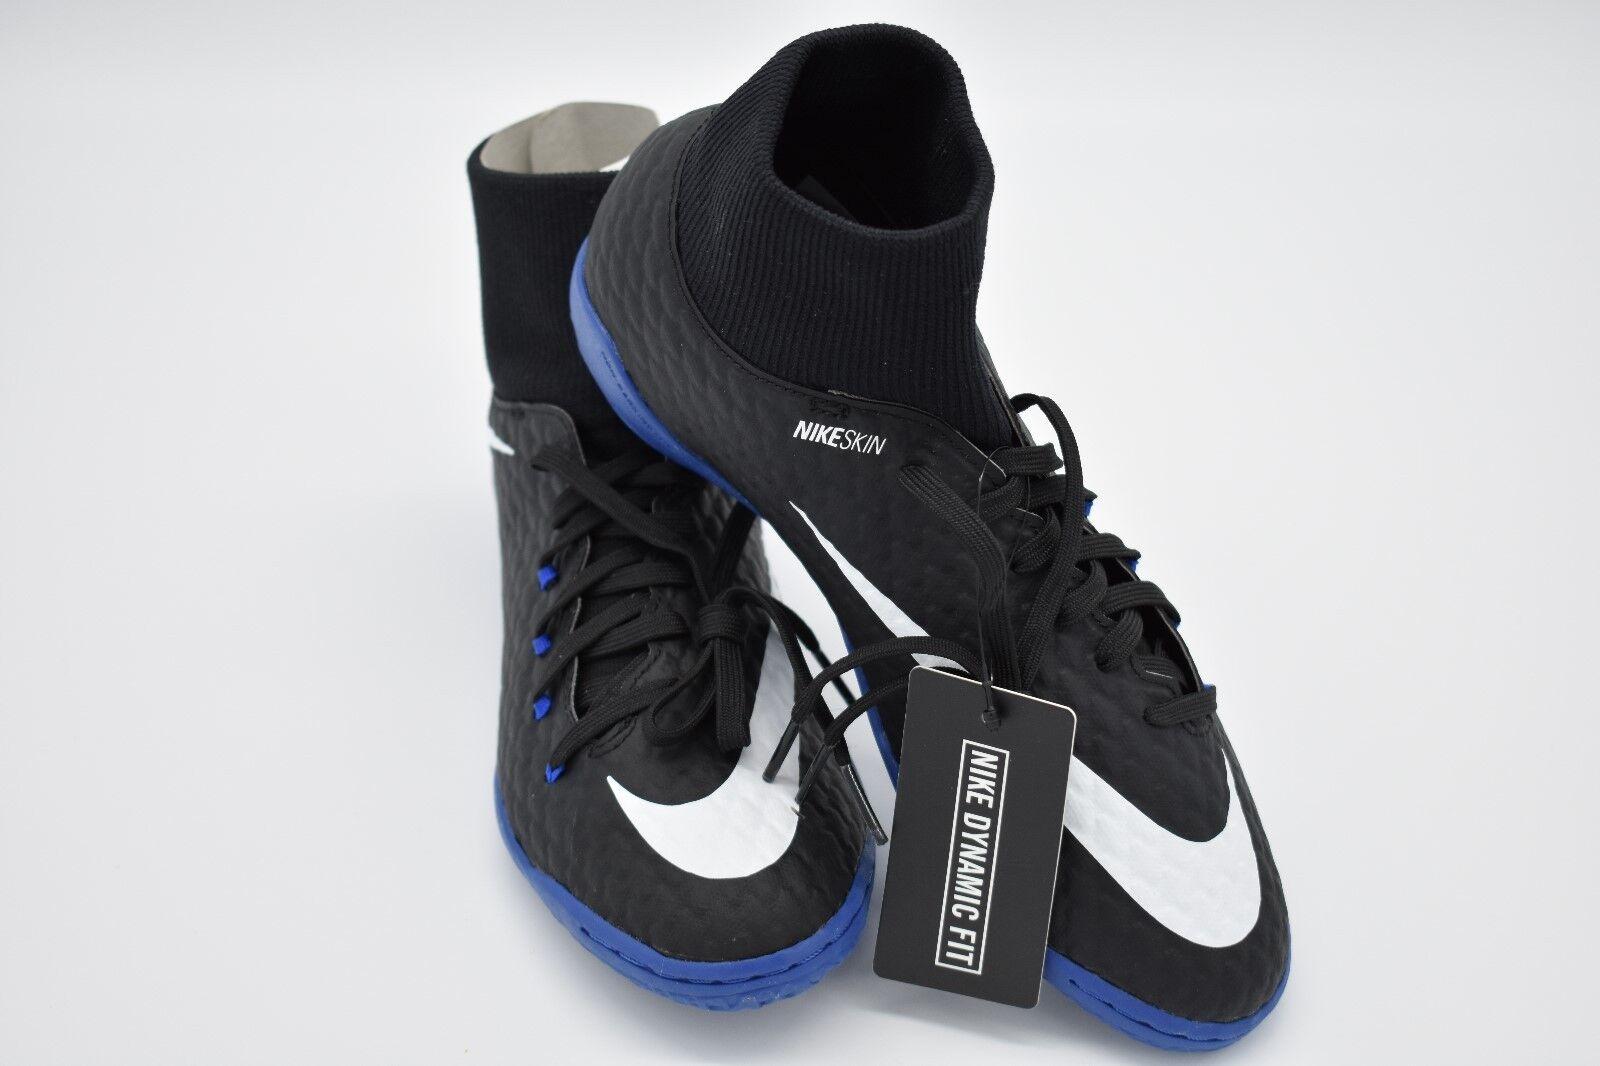 Nike hypervenomx phelon phelon phelon 3 df m uomini 917768-002 scarpe taglia 11 661546